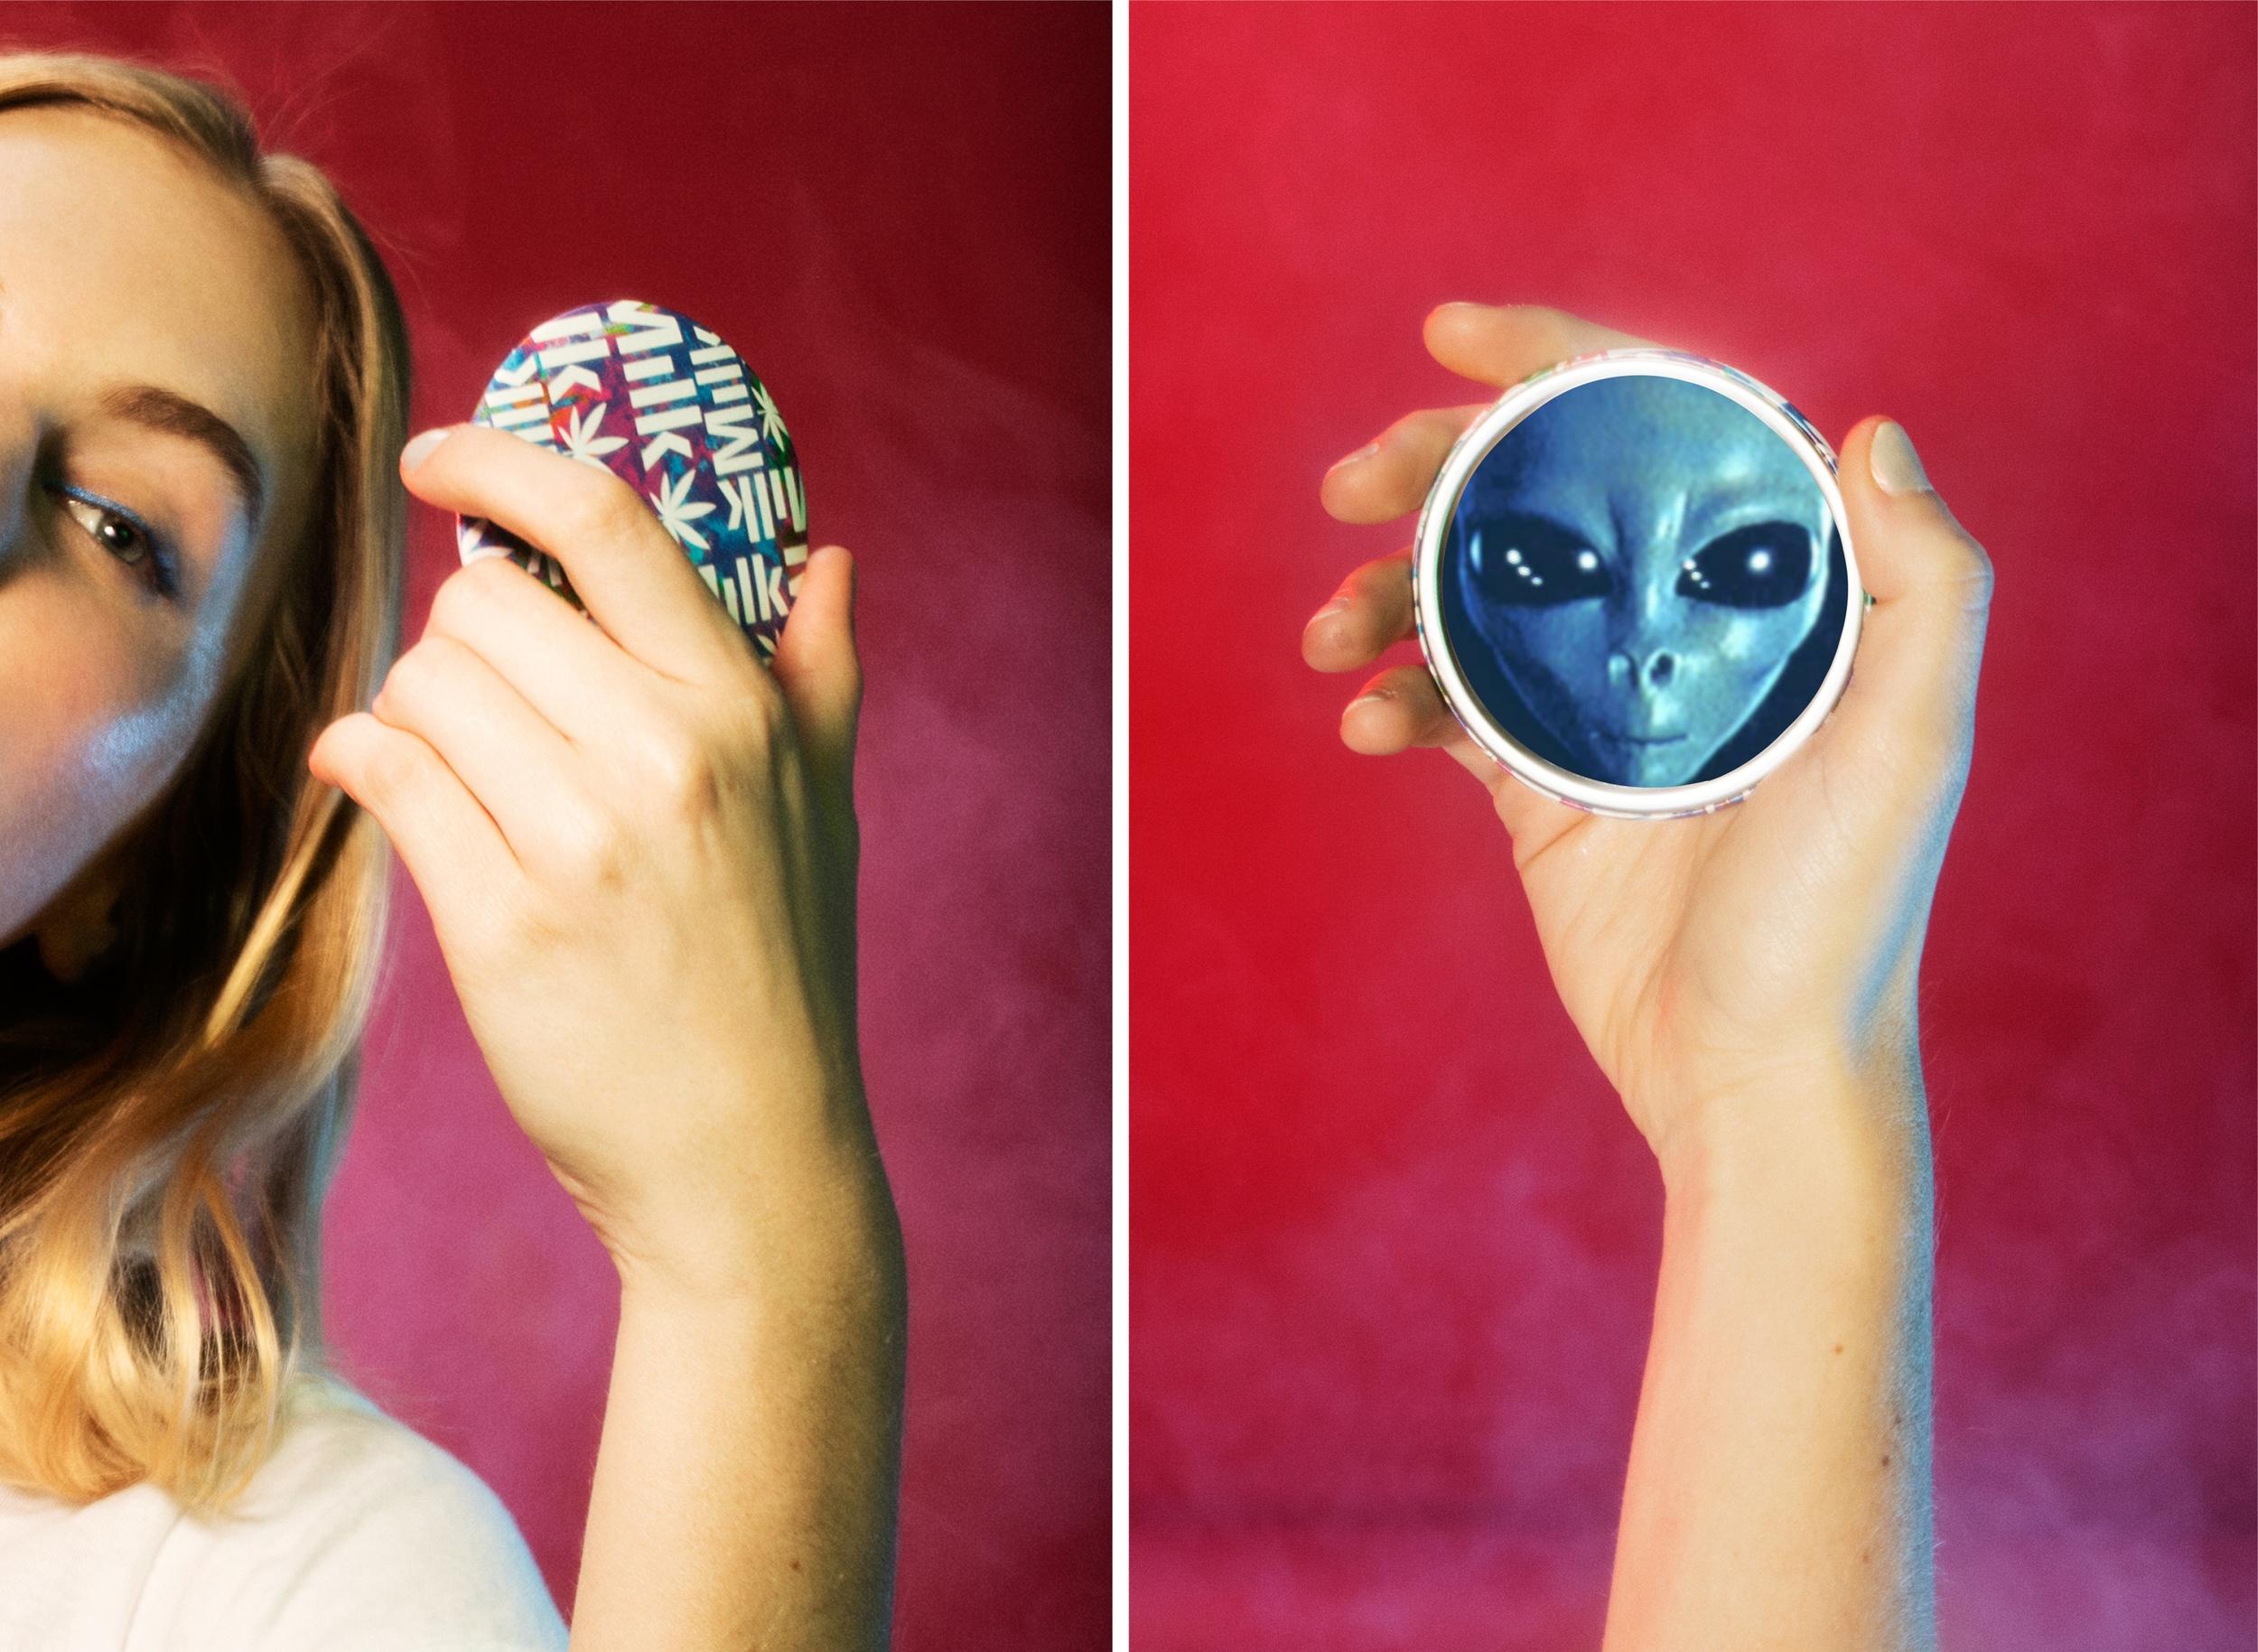 alien-mmu-42022final.jpg